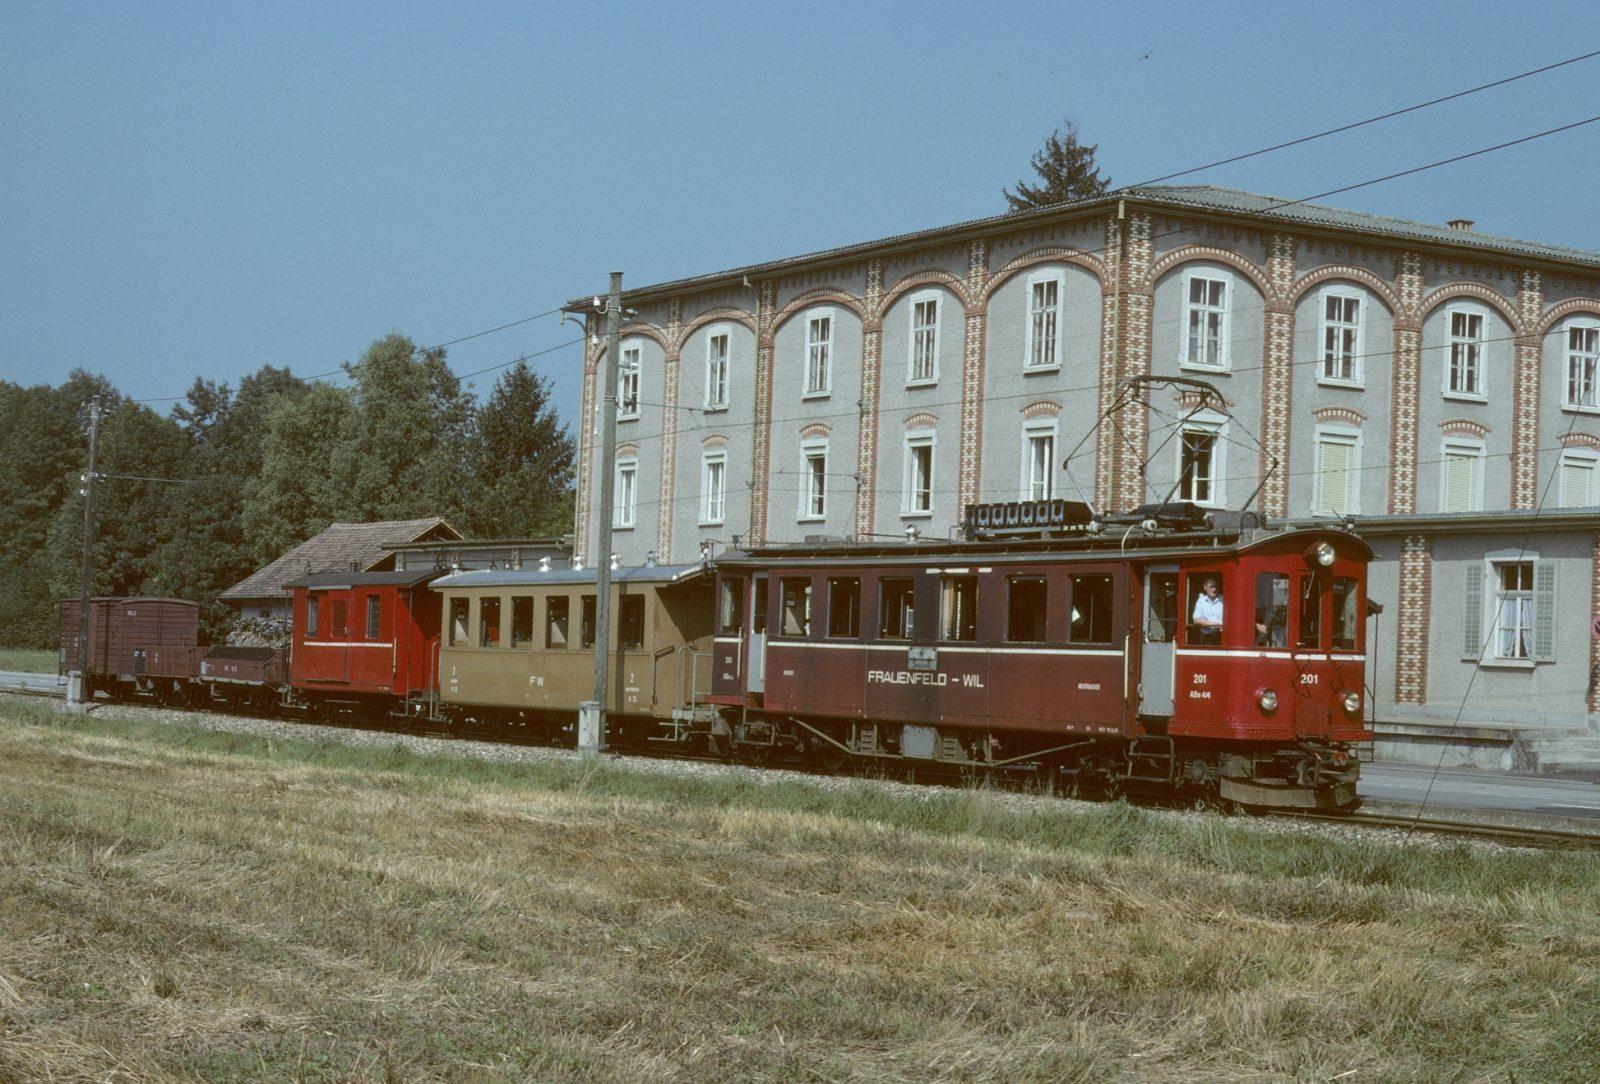 Frauenfeld Wil Bahn Rosental